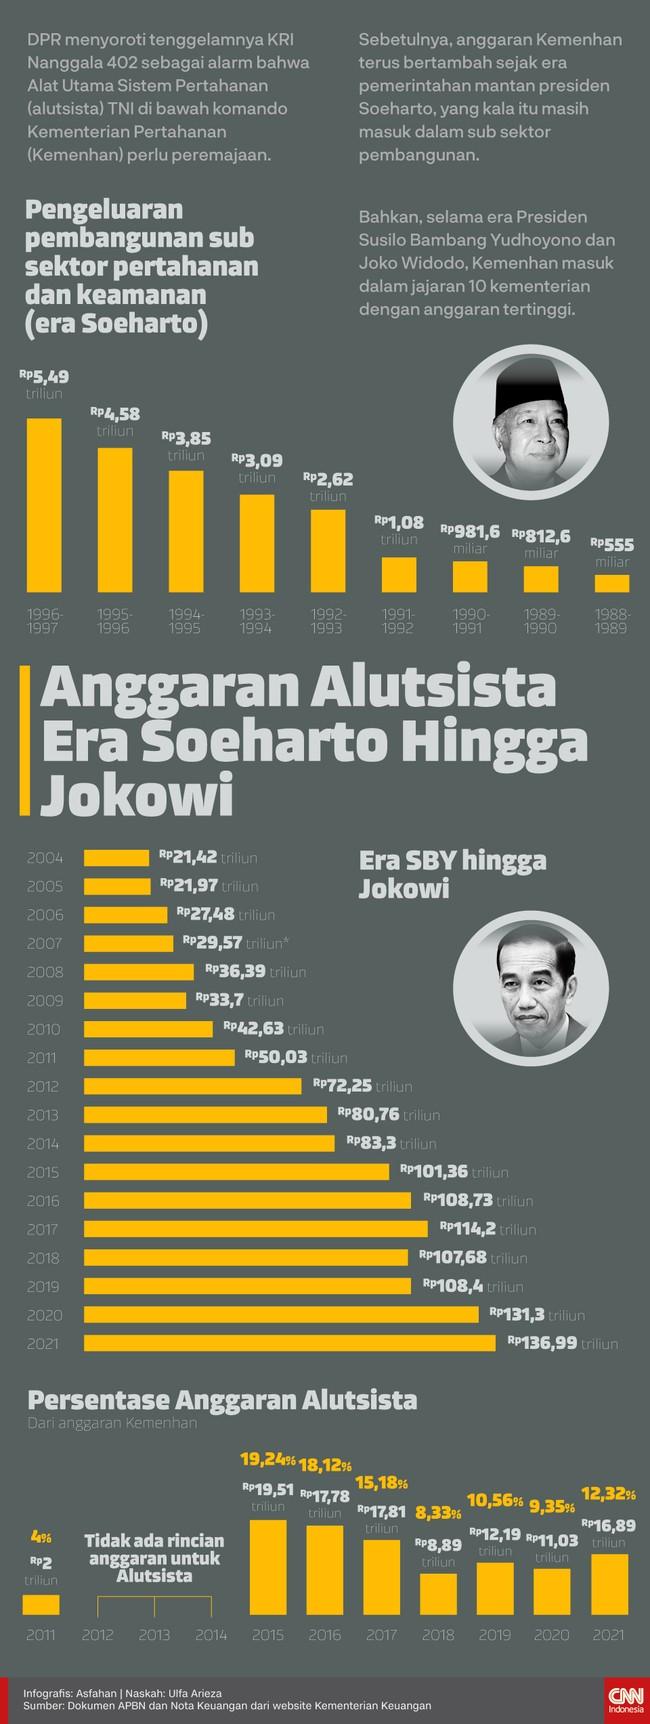 Berikut rincian anggaran Kementerian Pertahanan dan persentase anggaran Alutsista sejak era Presiden Soeharto hingga Presiden Jokowi.